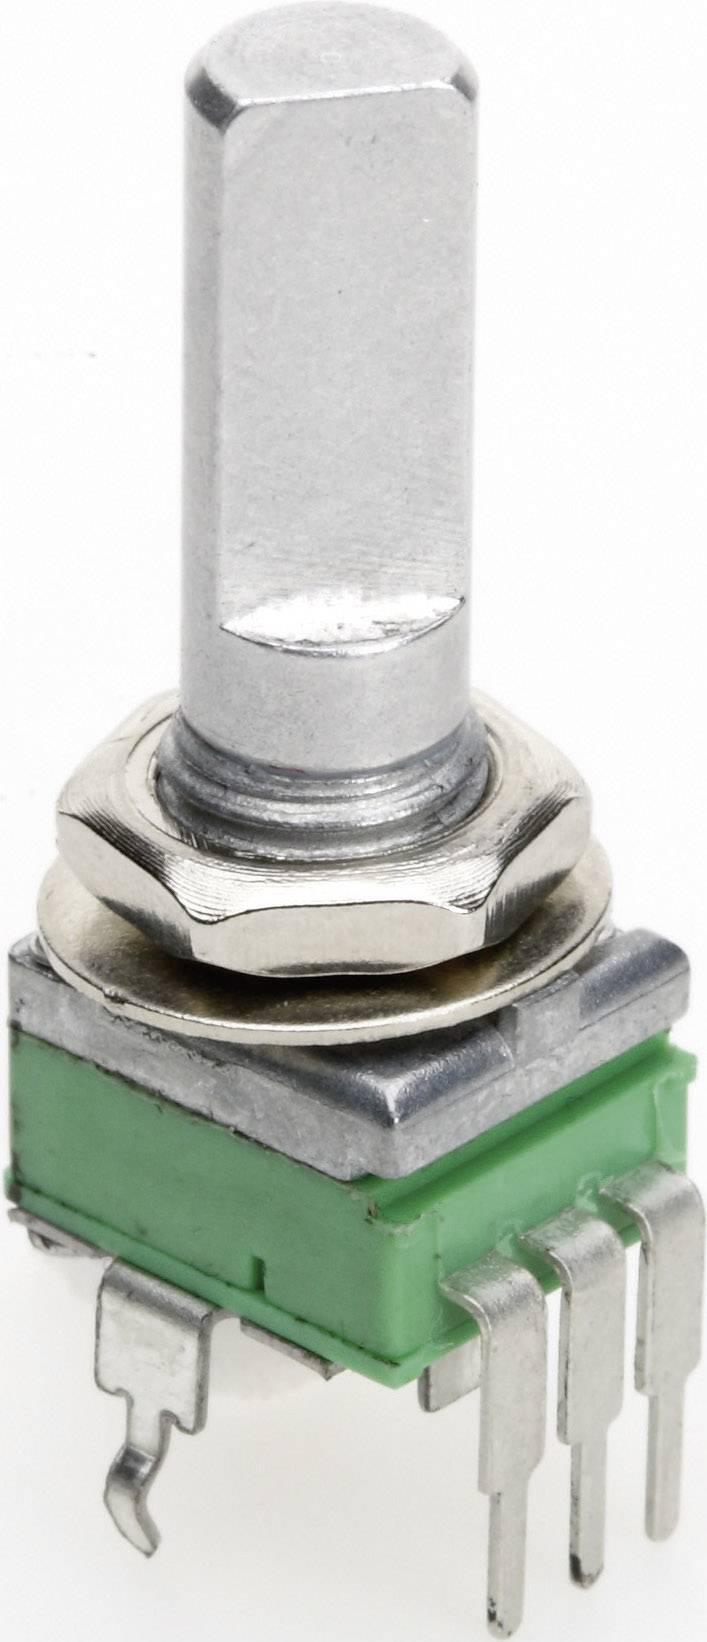 Cermetový potenciometer TT Electro, 4113101775, 1 kΩ, ± 20%